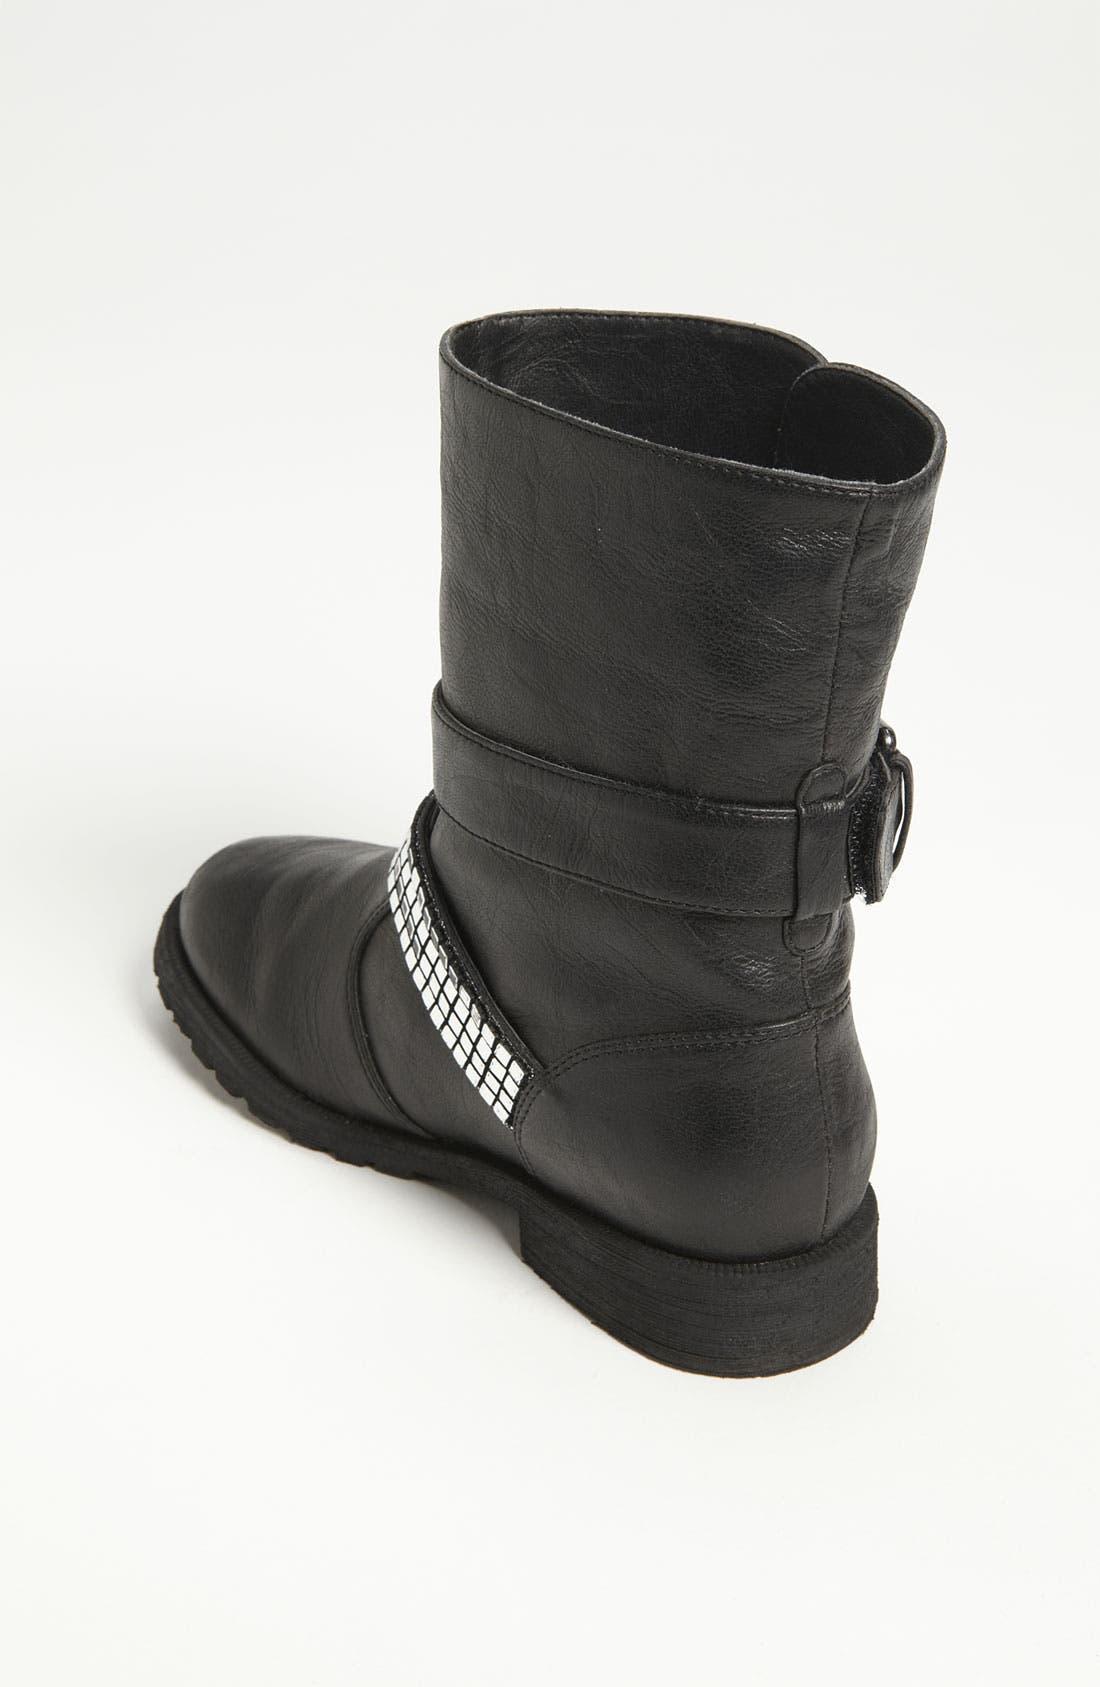 Alternate Image 2  - Nordstrom 'Lindy' Boot (Toddler, Little Kid & Big Kid)